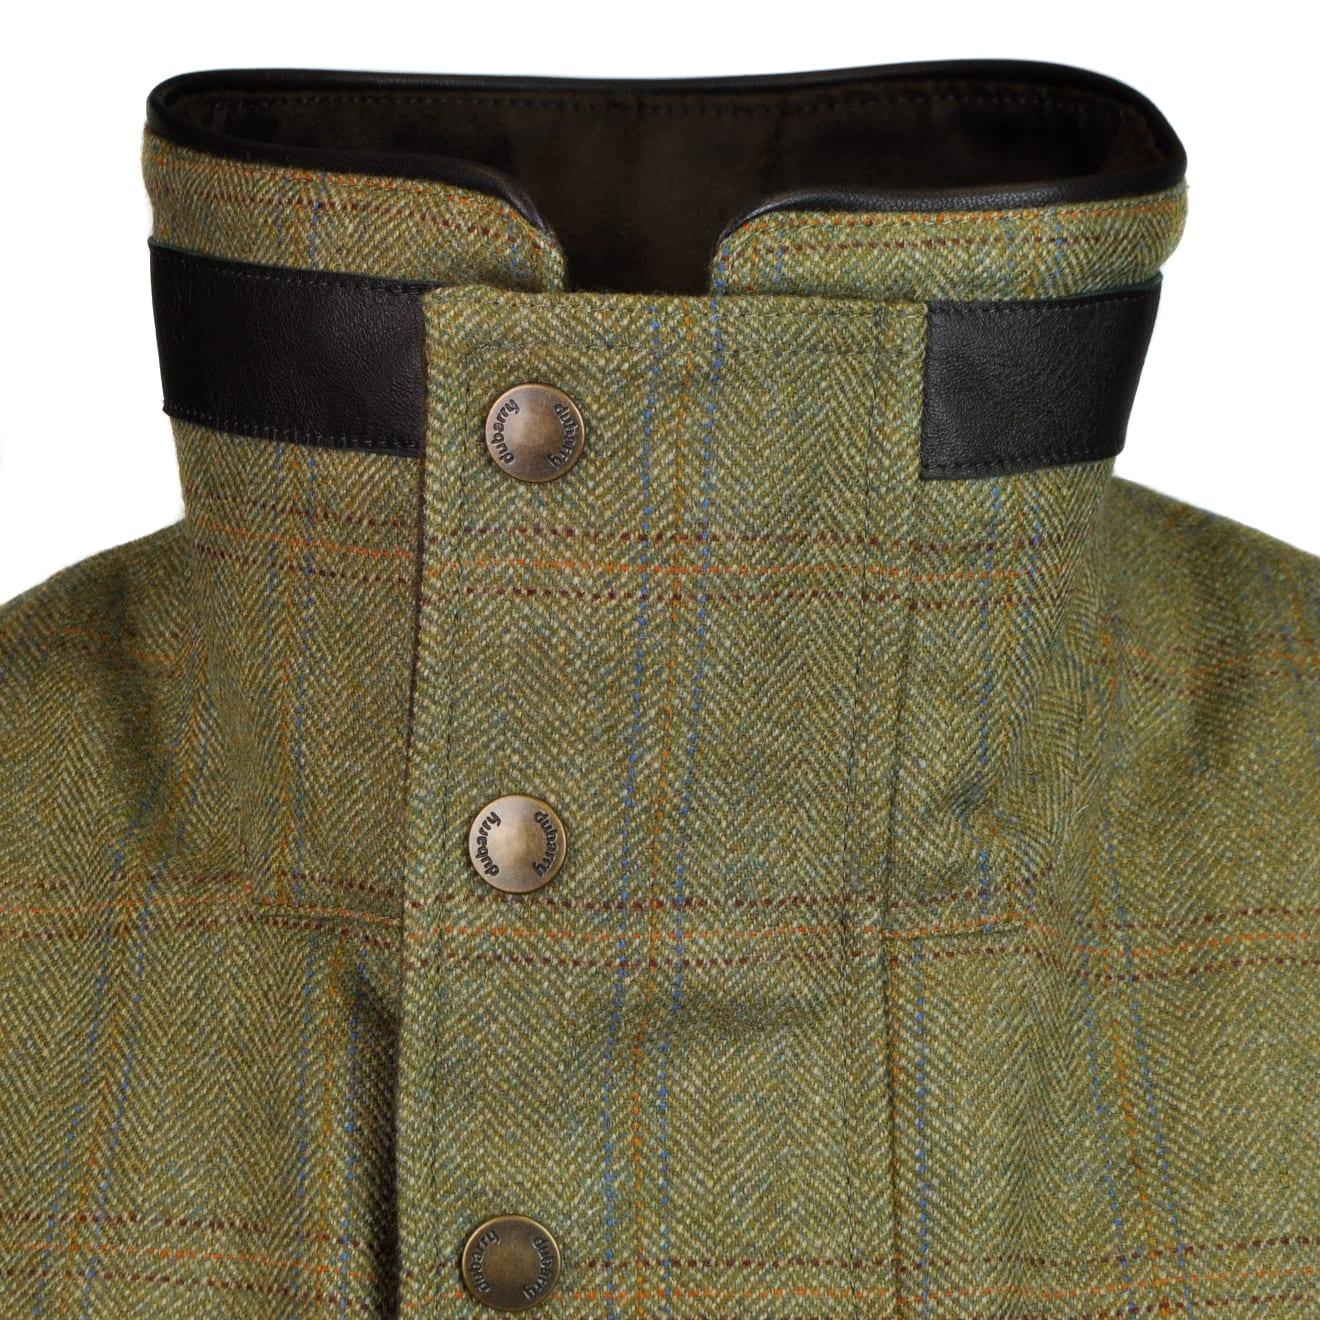 Dubarry ballyfin gortex tweed jacket green